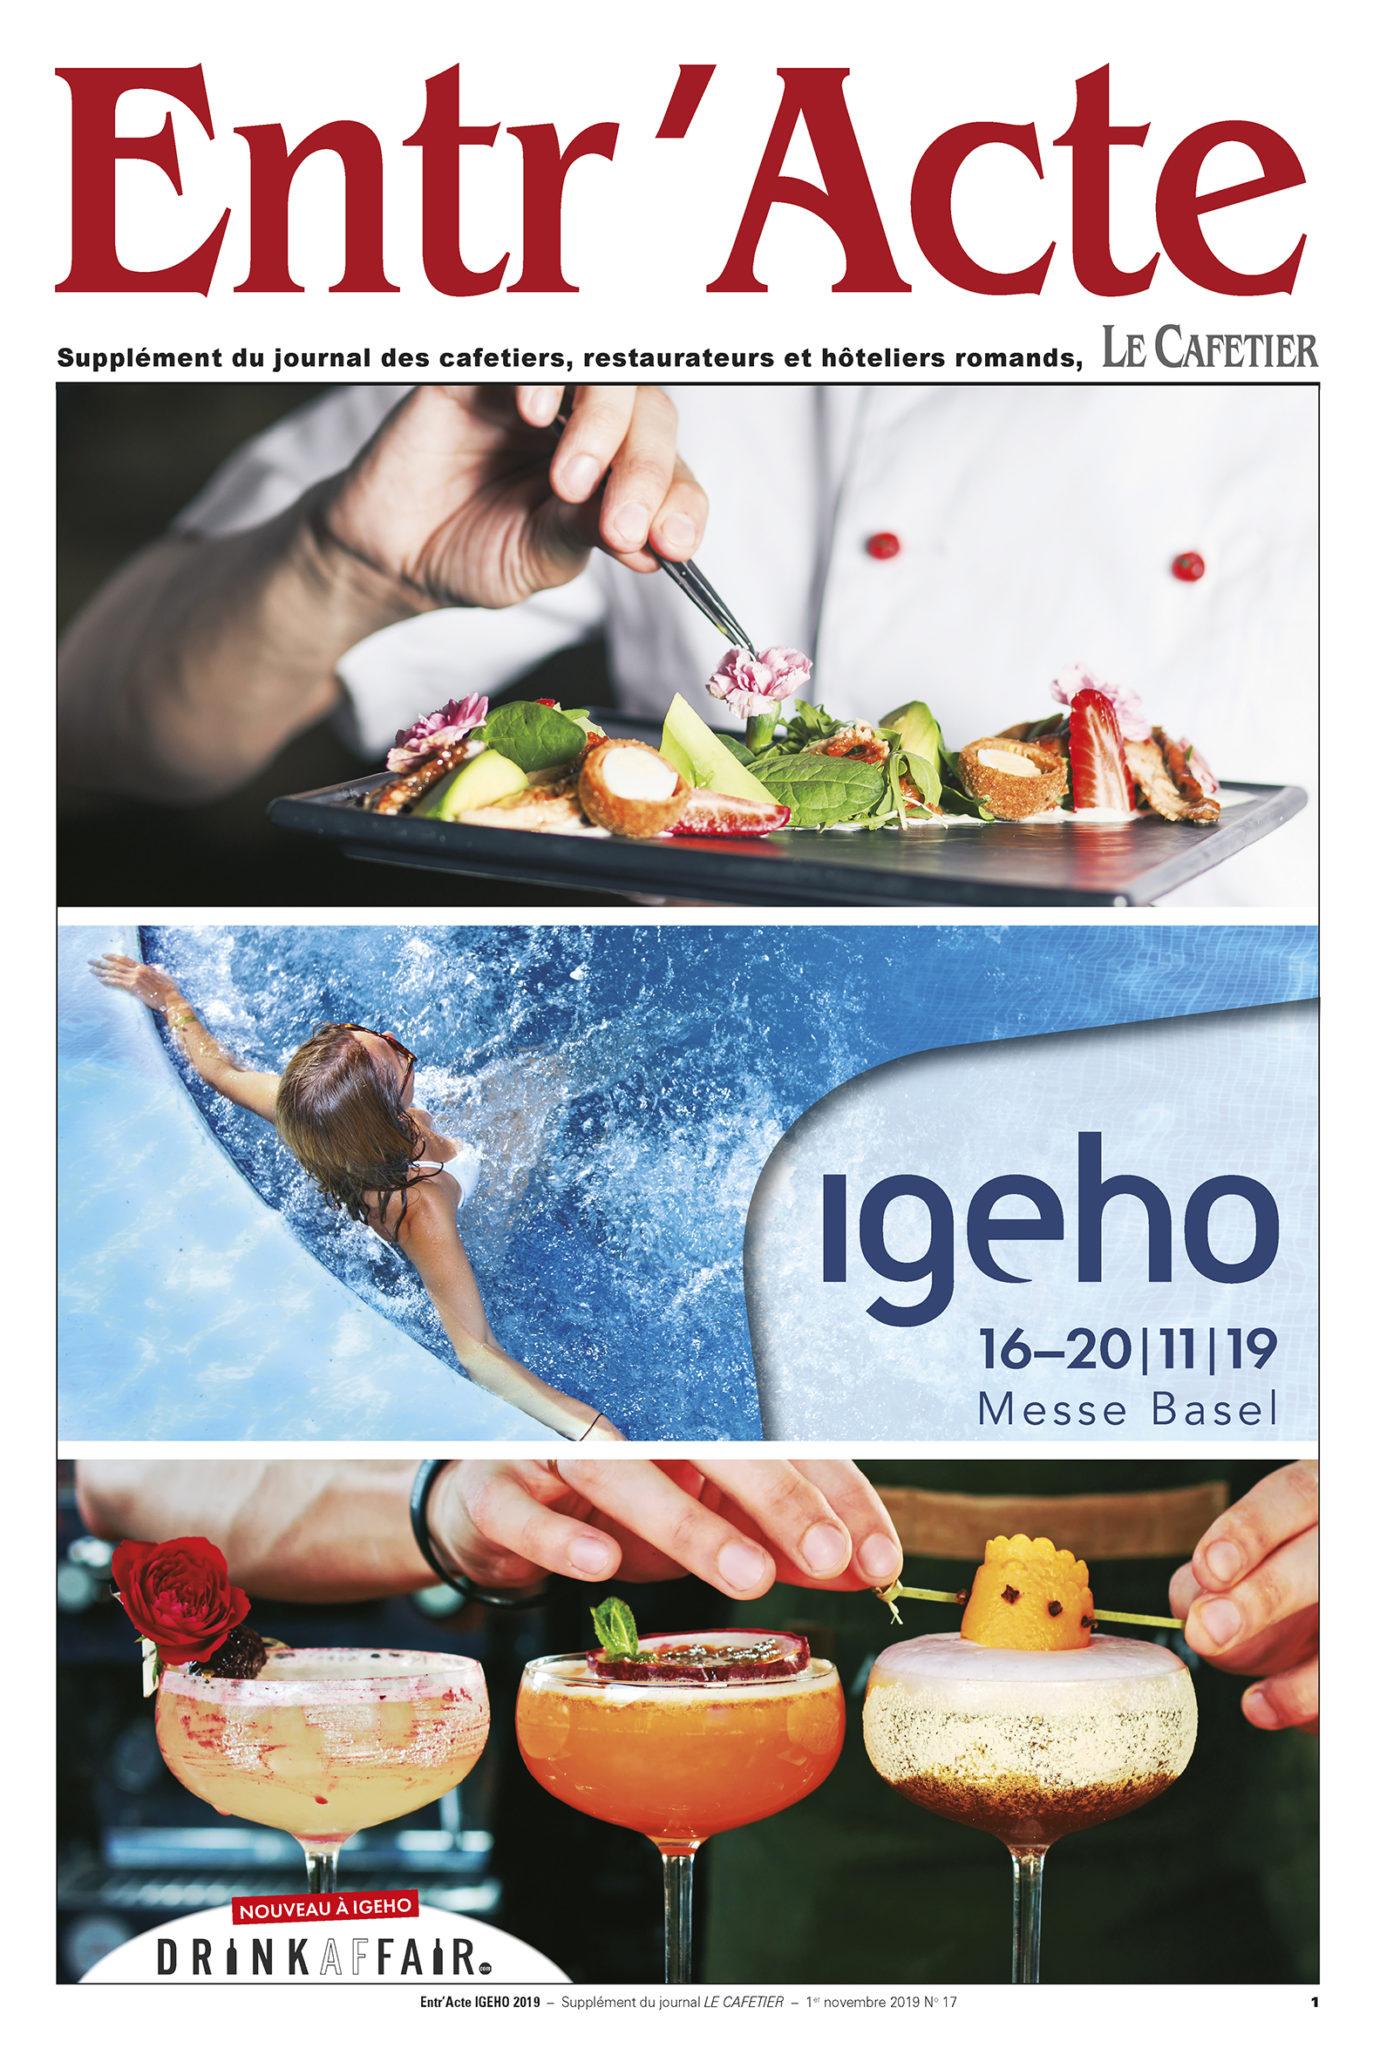 Entr'Acte Igeho 2019